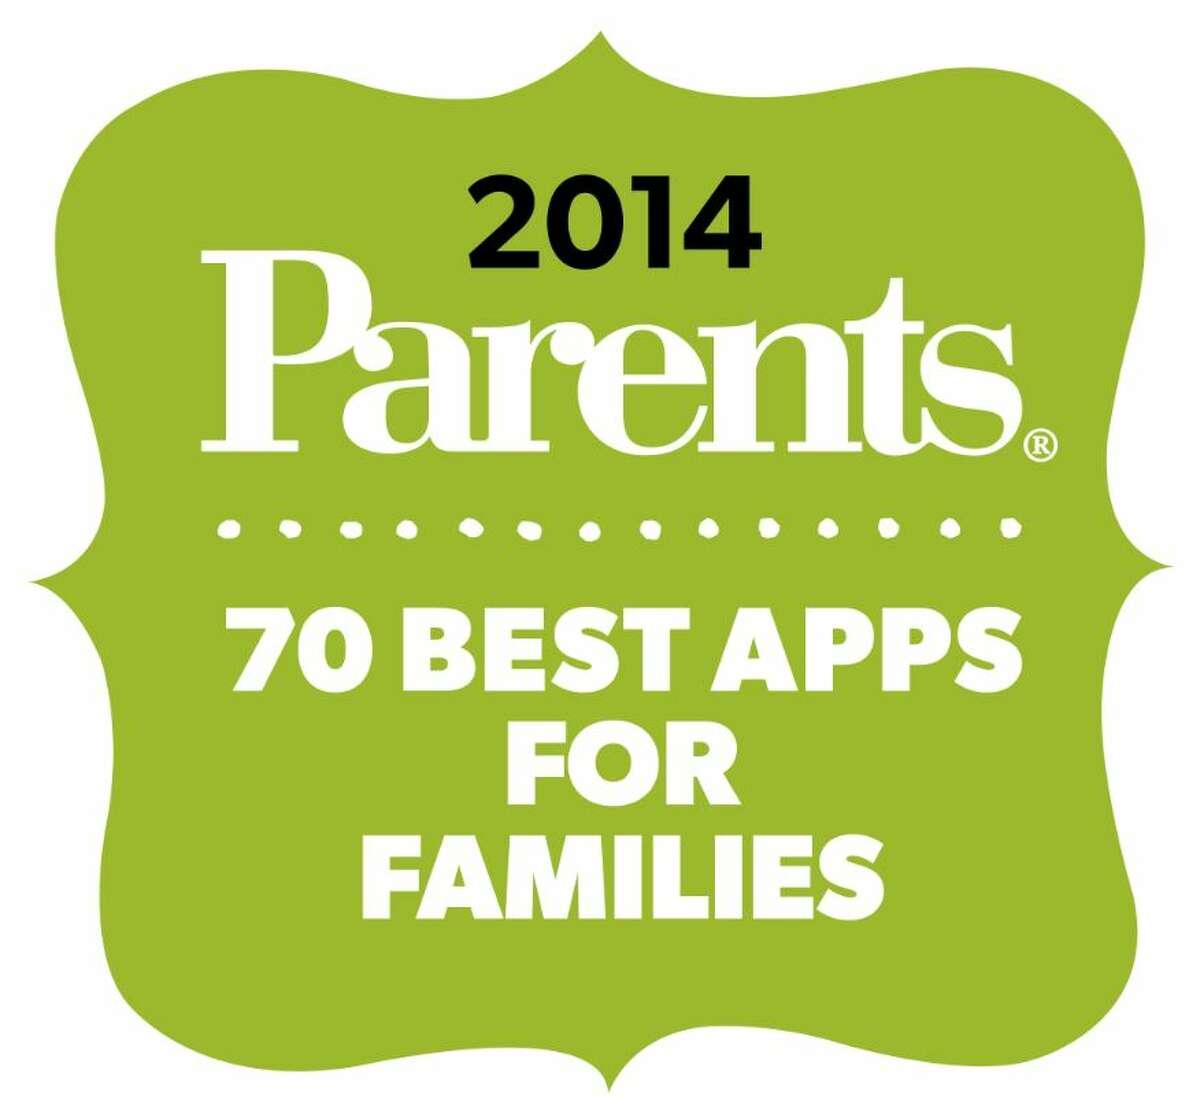 2014 Parents Best Apps seal